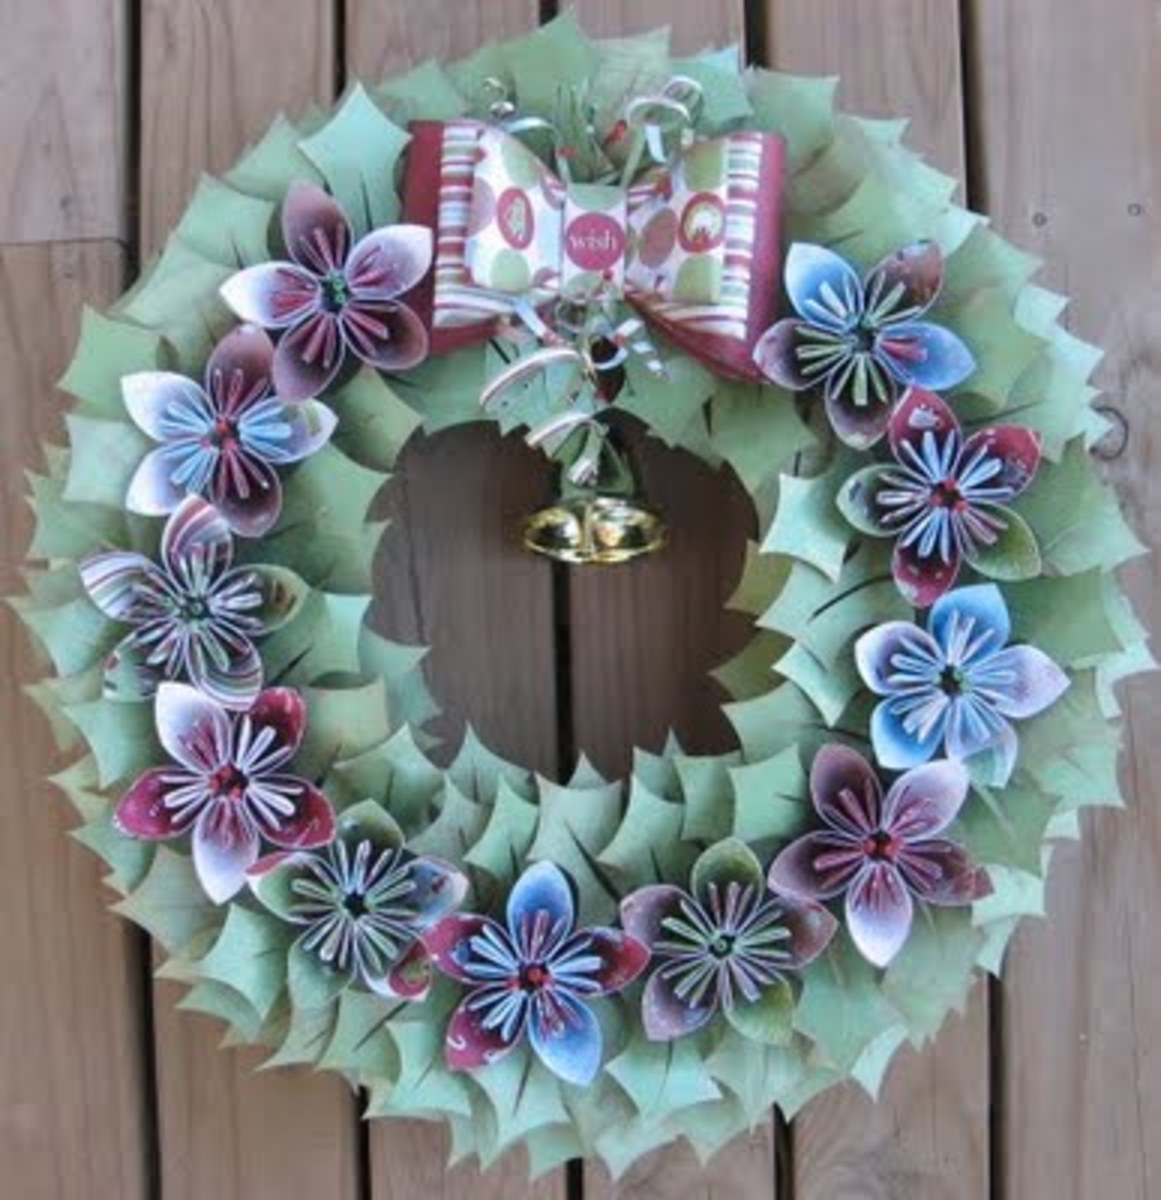 Paper Christmas Wreath thescrapfarm.blogspot.com